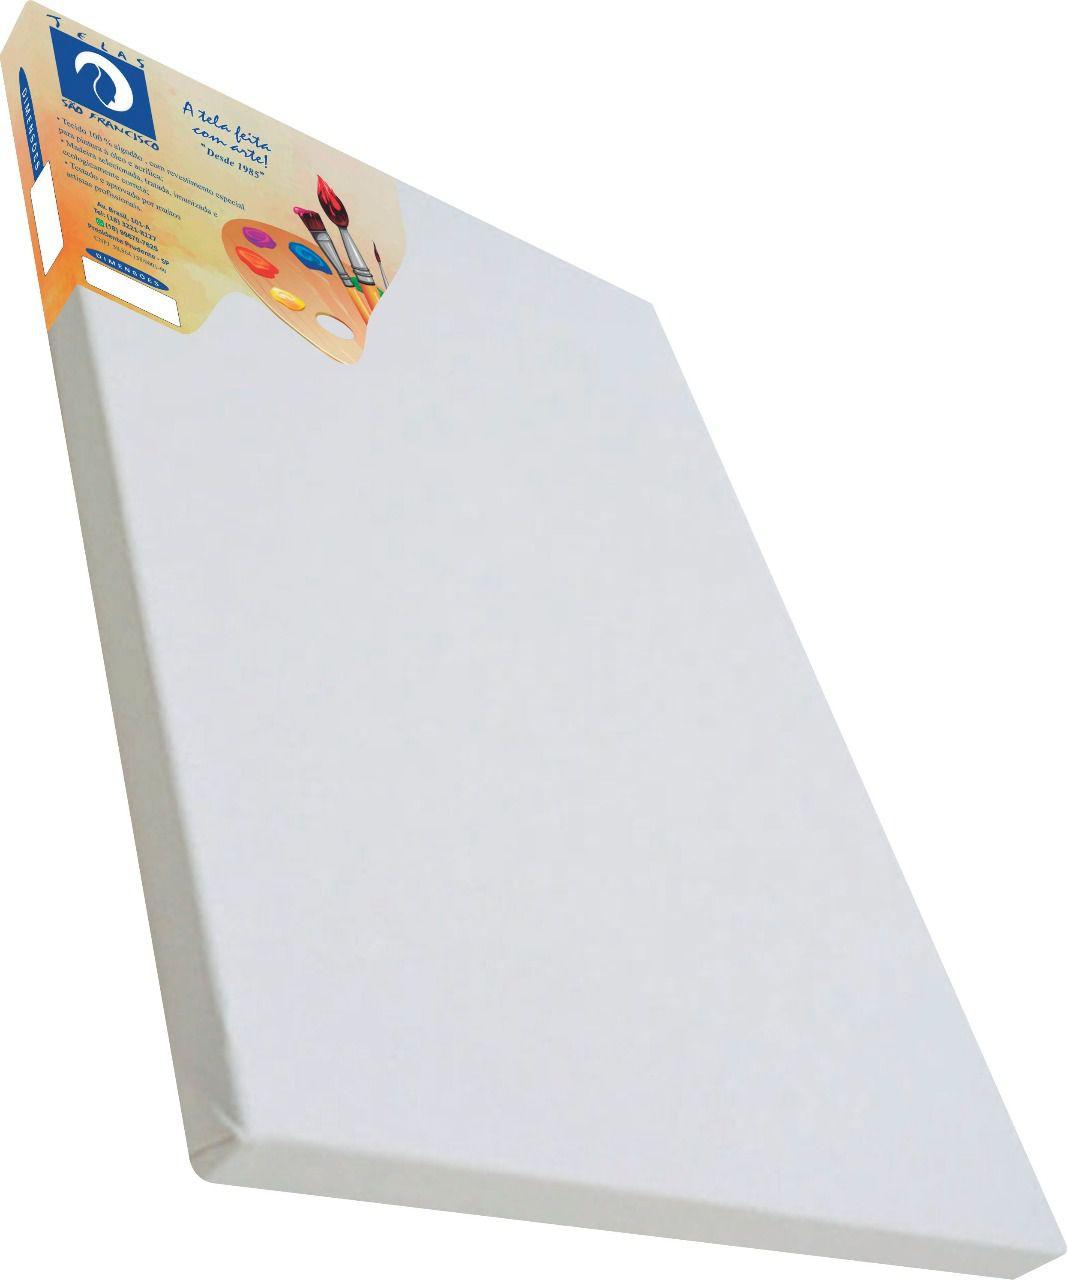 Tela comum para pintura 10x15cm - São Francisco